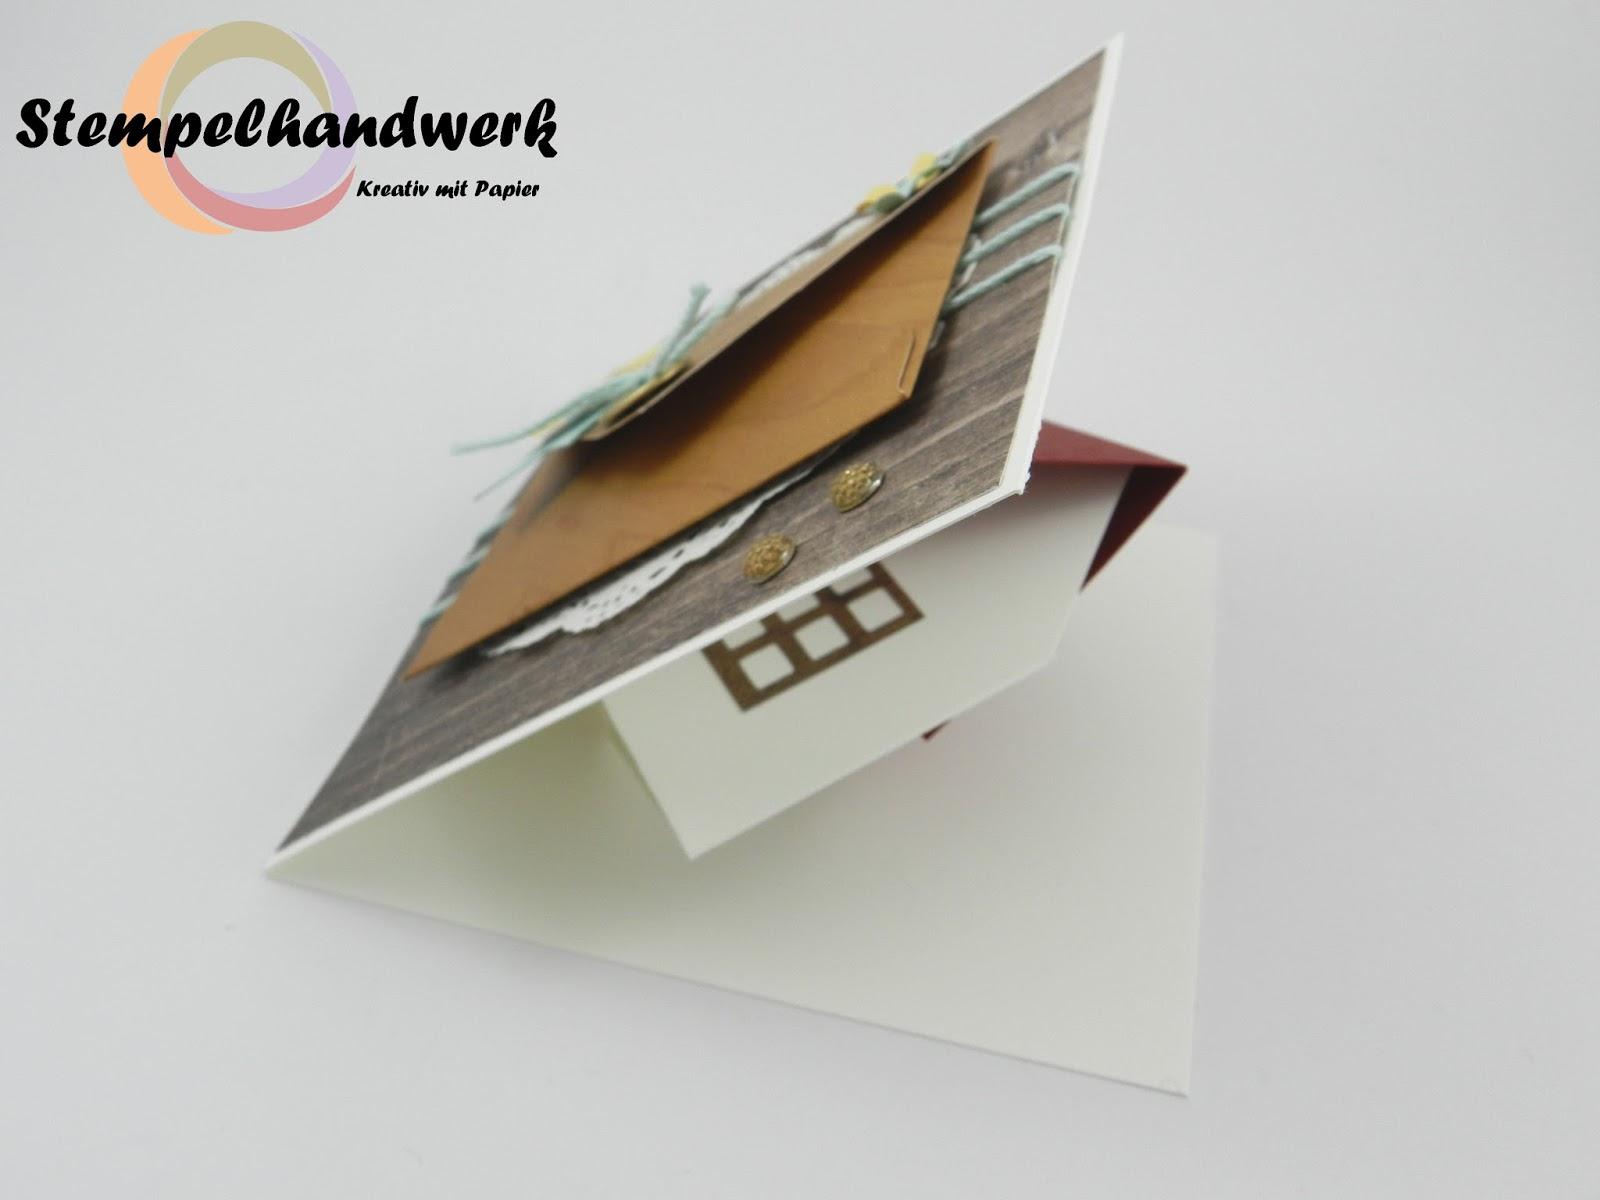 Stempelhandwerk: Eine Pop-Up-Karte zum Hausbau